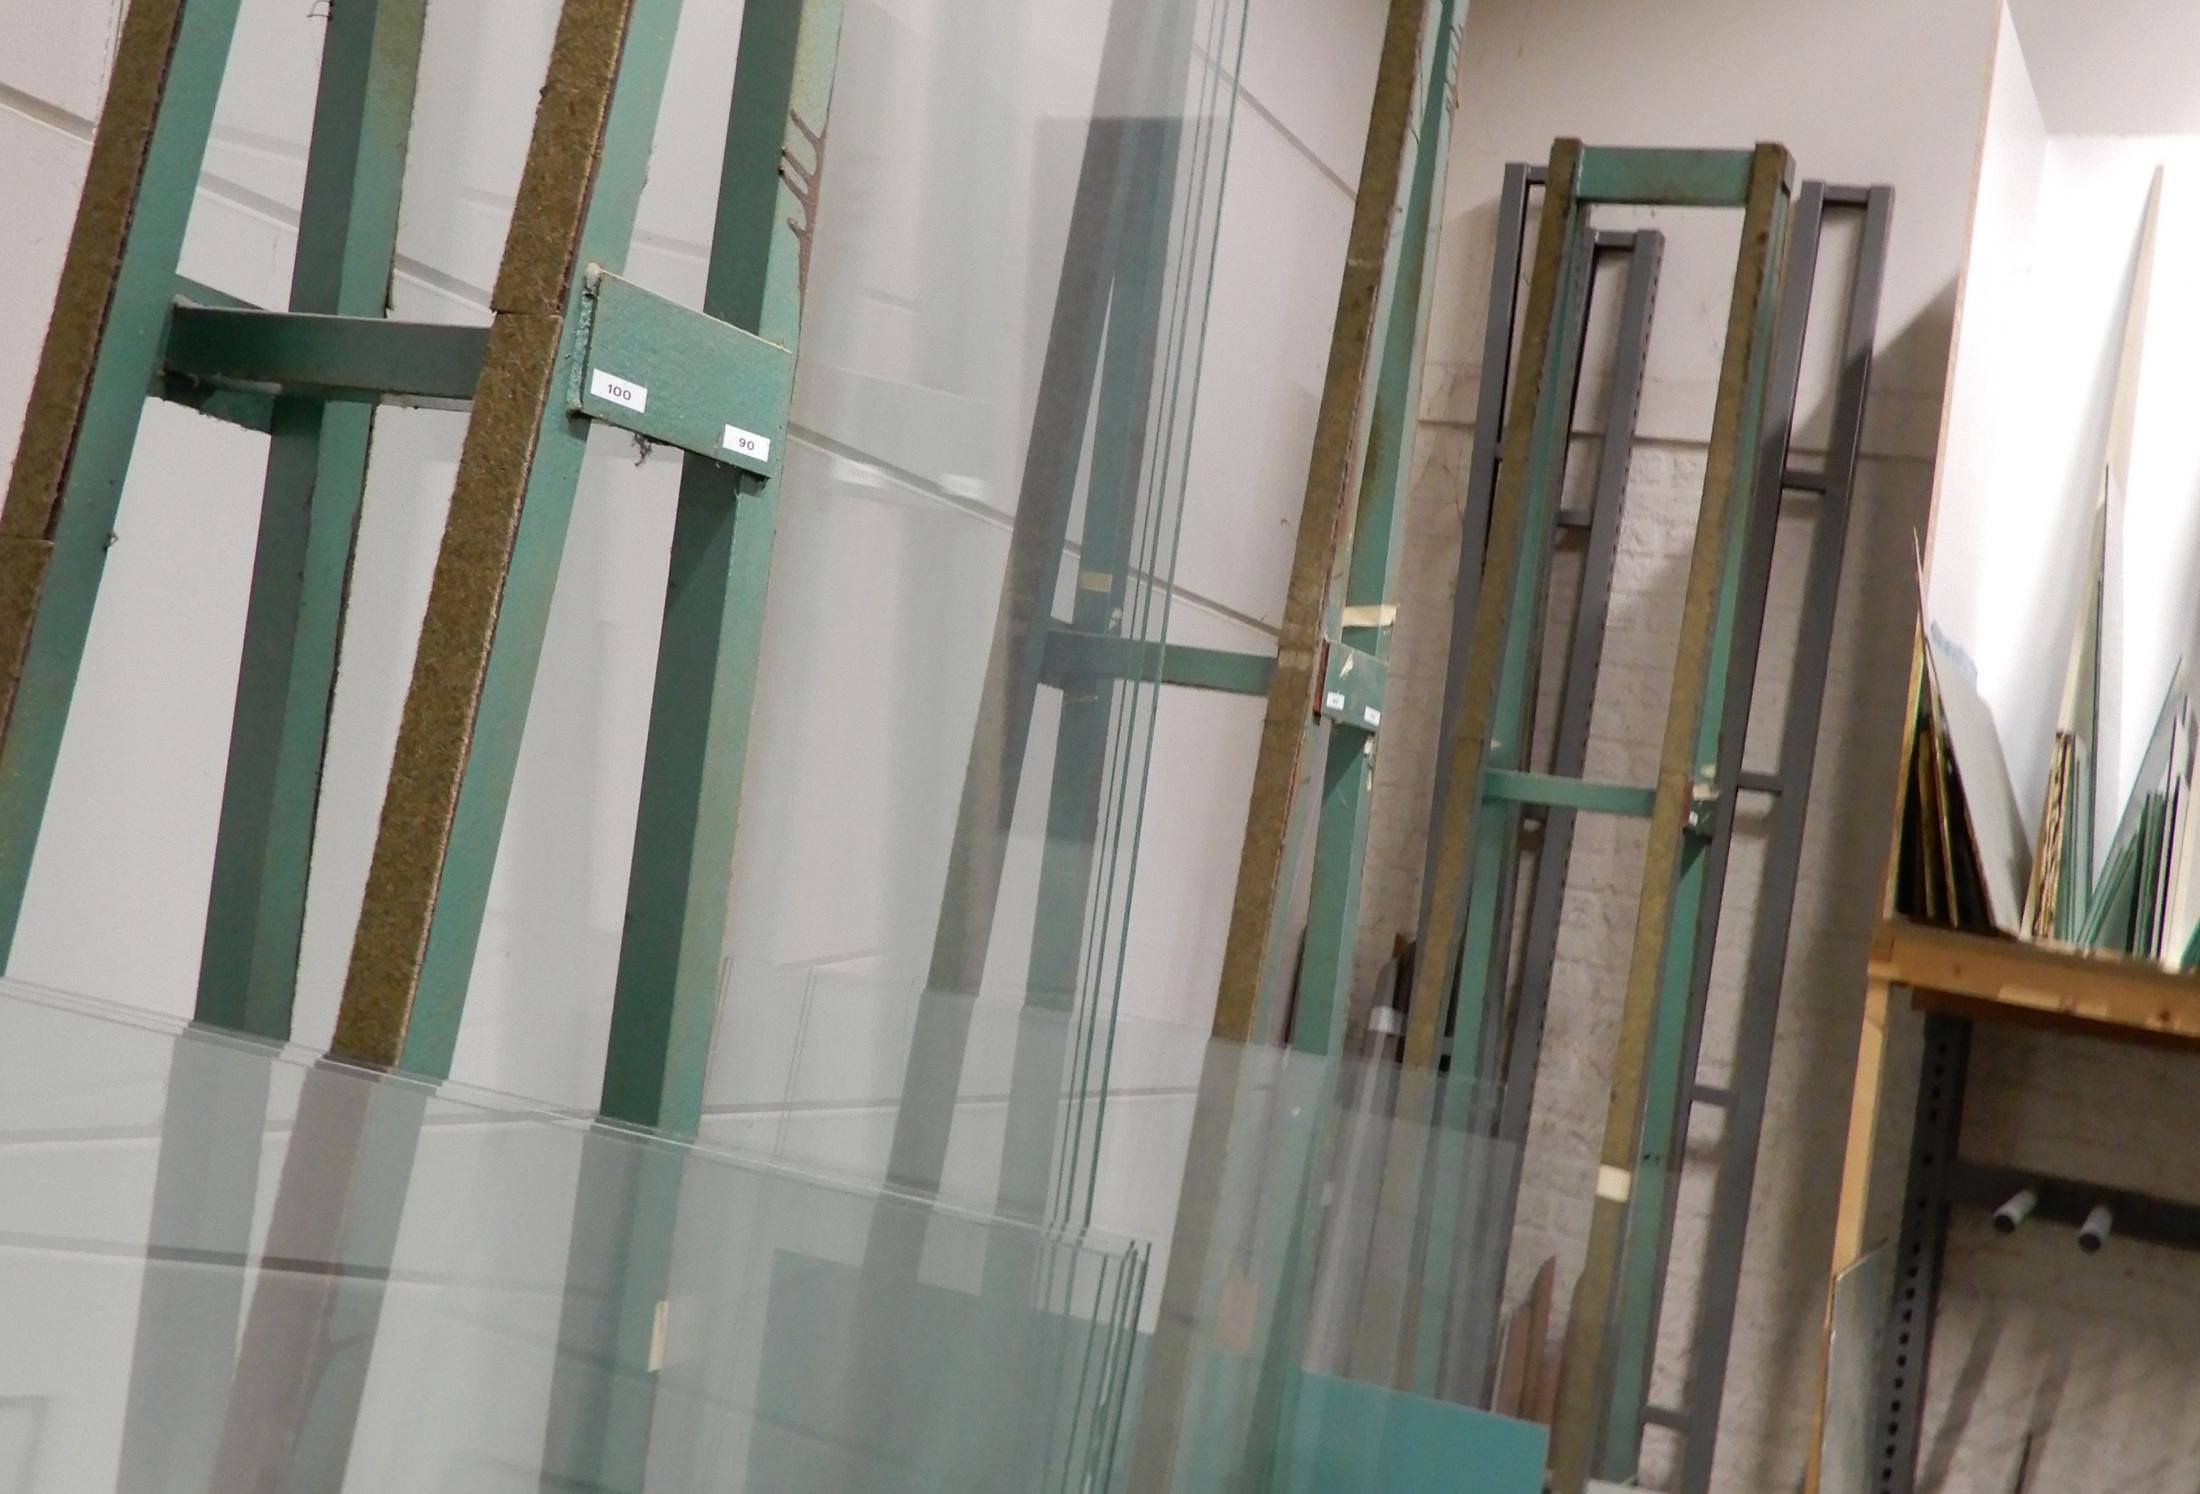 foto nr 2 - glas stellages werkplaats